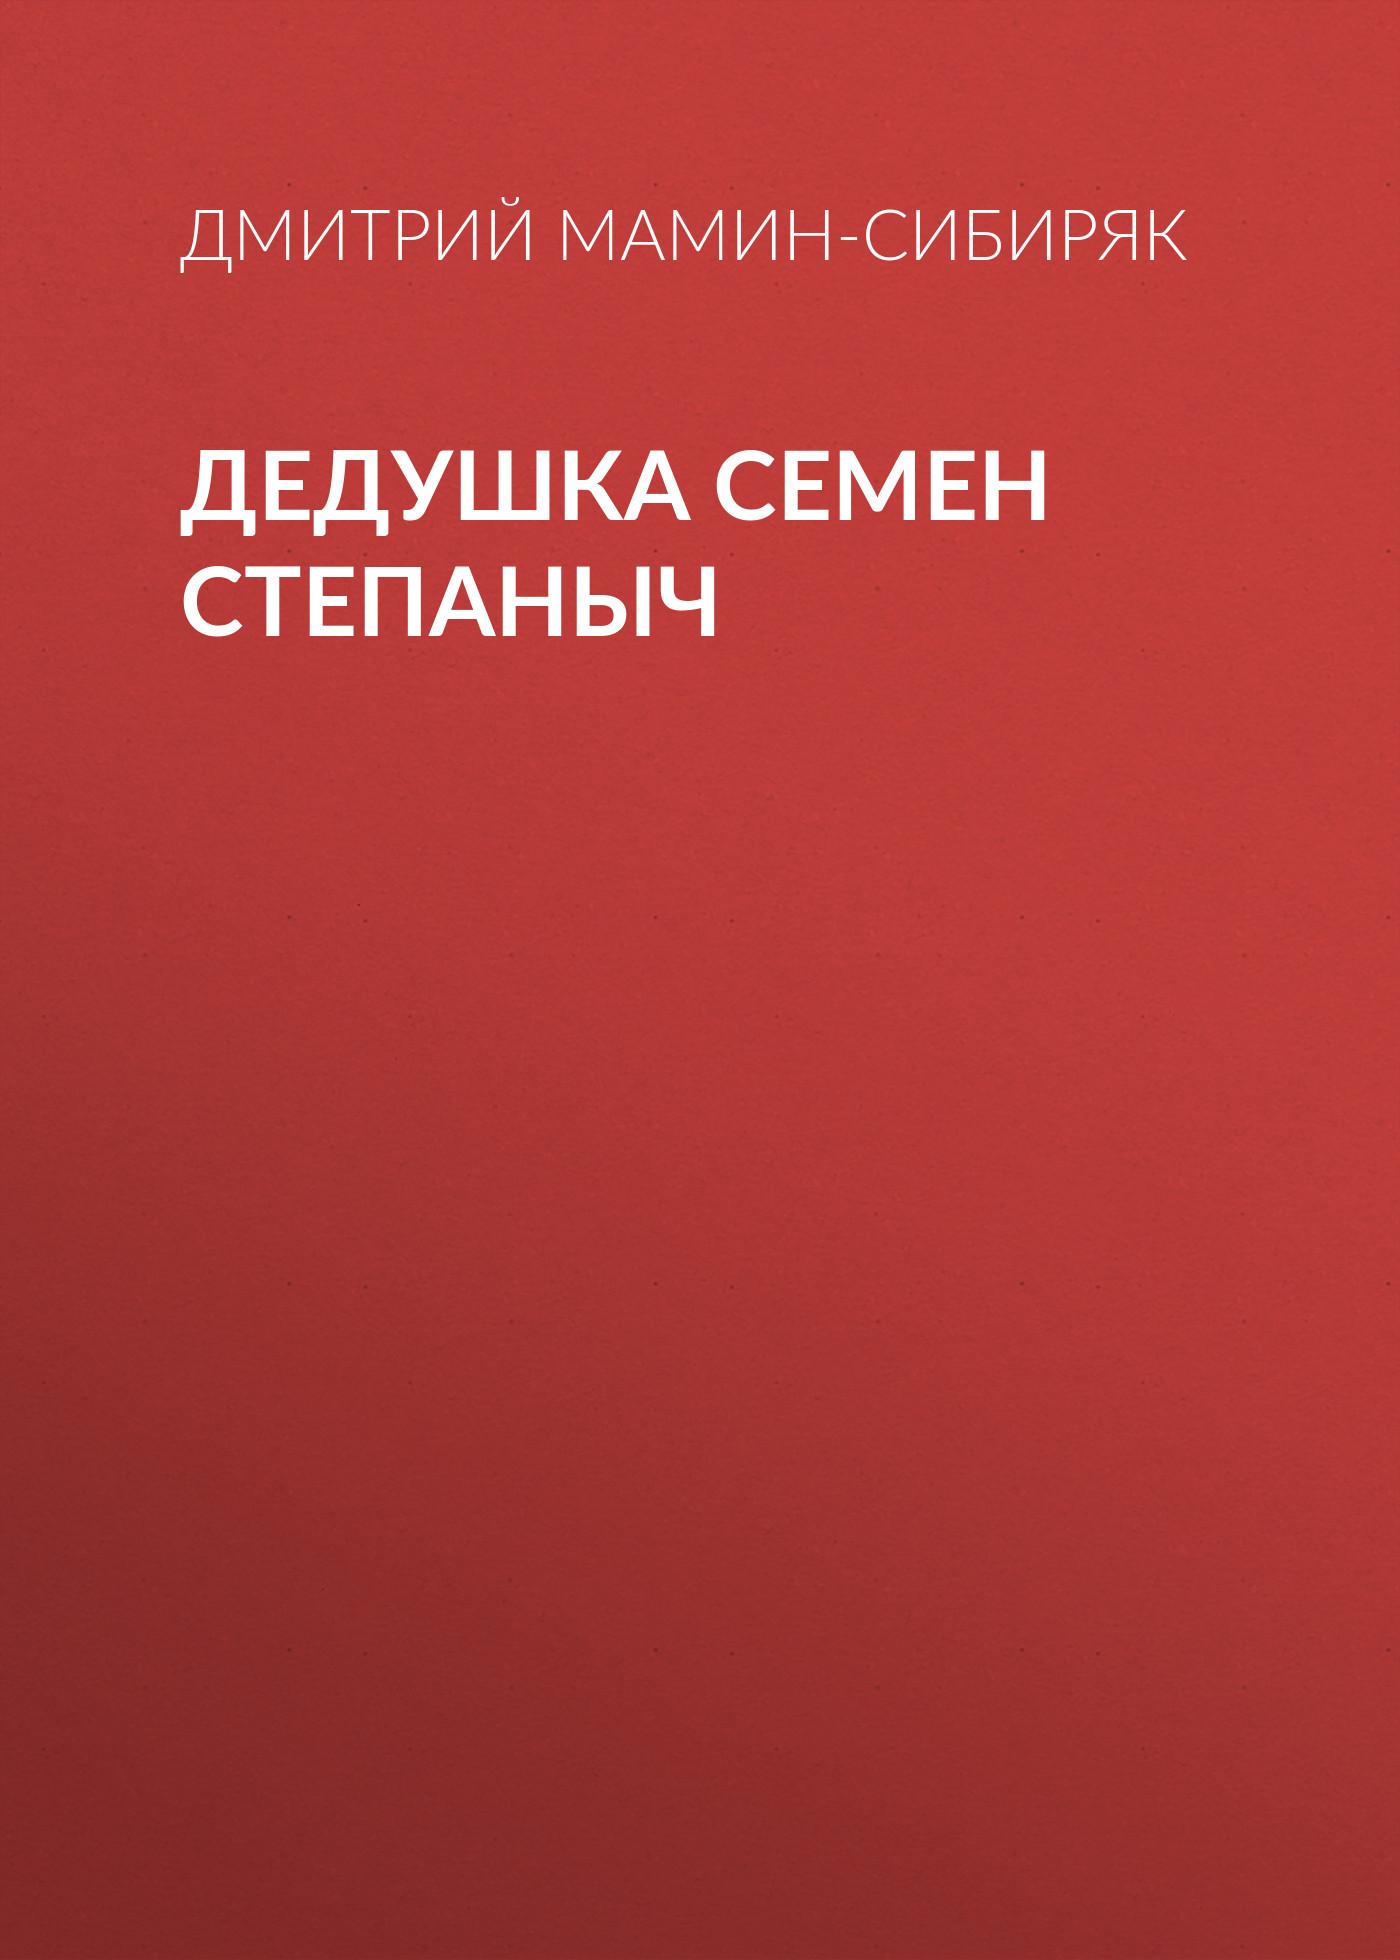 Дедушка Семен Степаныч